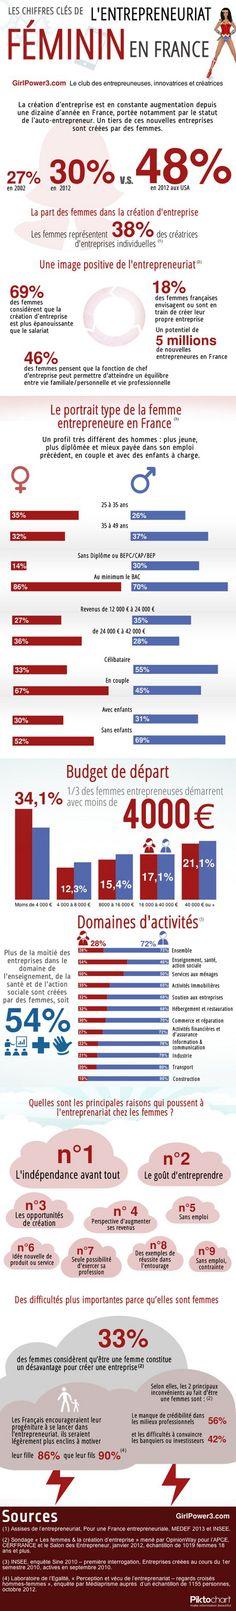 Infographie : l'entrepreneuriat féminin en France (girlpower3.com) 2010-2013